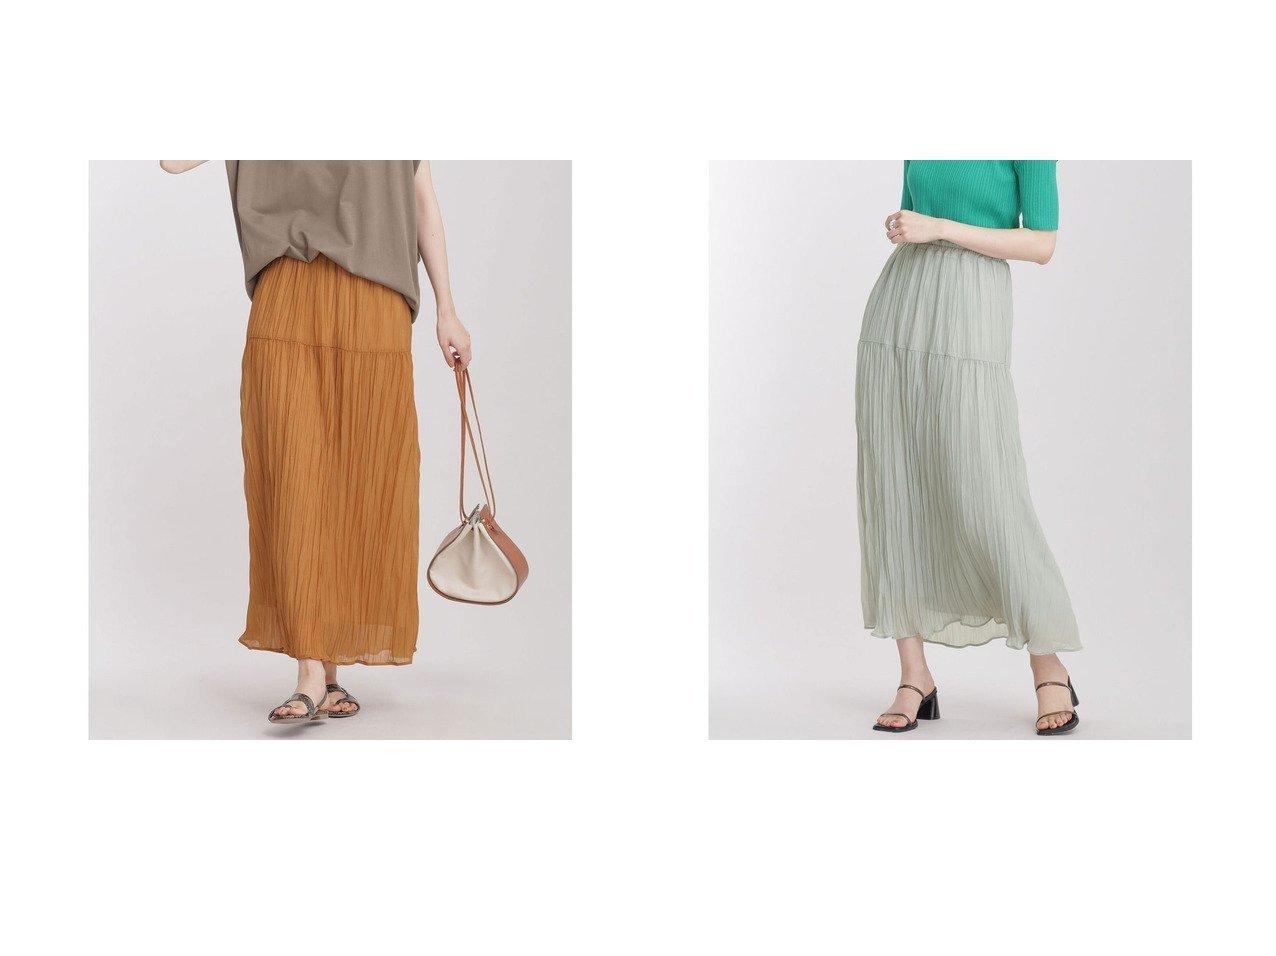 【nano universe/ナノ ユニバース】のワッシャーギャザースカート 【スカート】おすすめ!人気、トレンド・レディースファッションの通販 おすすめで人気の流行・トレンド、ファッションの通販商品 インテリア・家具・メンズファッション・キッズファッション・レディースファッション・服の通販 founy(ファニー) https://founy.com/ ファッション Fashion レディースファッション WOMEN スカート Skirt カットソー ギャザー シフォン トレンド ノースリーブ プリント プリーツ リラックス ロング A/W・秋冬 AW・Autumn/Winter・FW・Fall-Winter 2021年 2021 2021-2022秋冬・A/W AW・Autumn/Winter・FW・Fall-Winter・2021-2022 おすすめ Recommend |ID:crp329100000054057